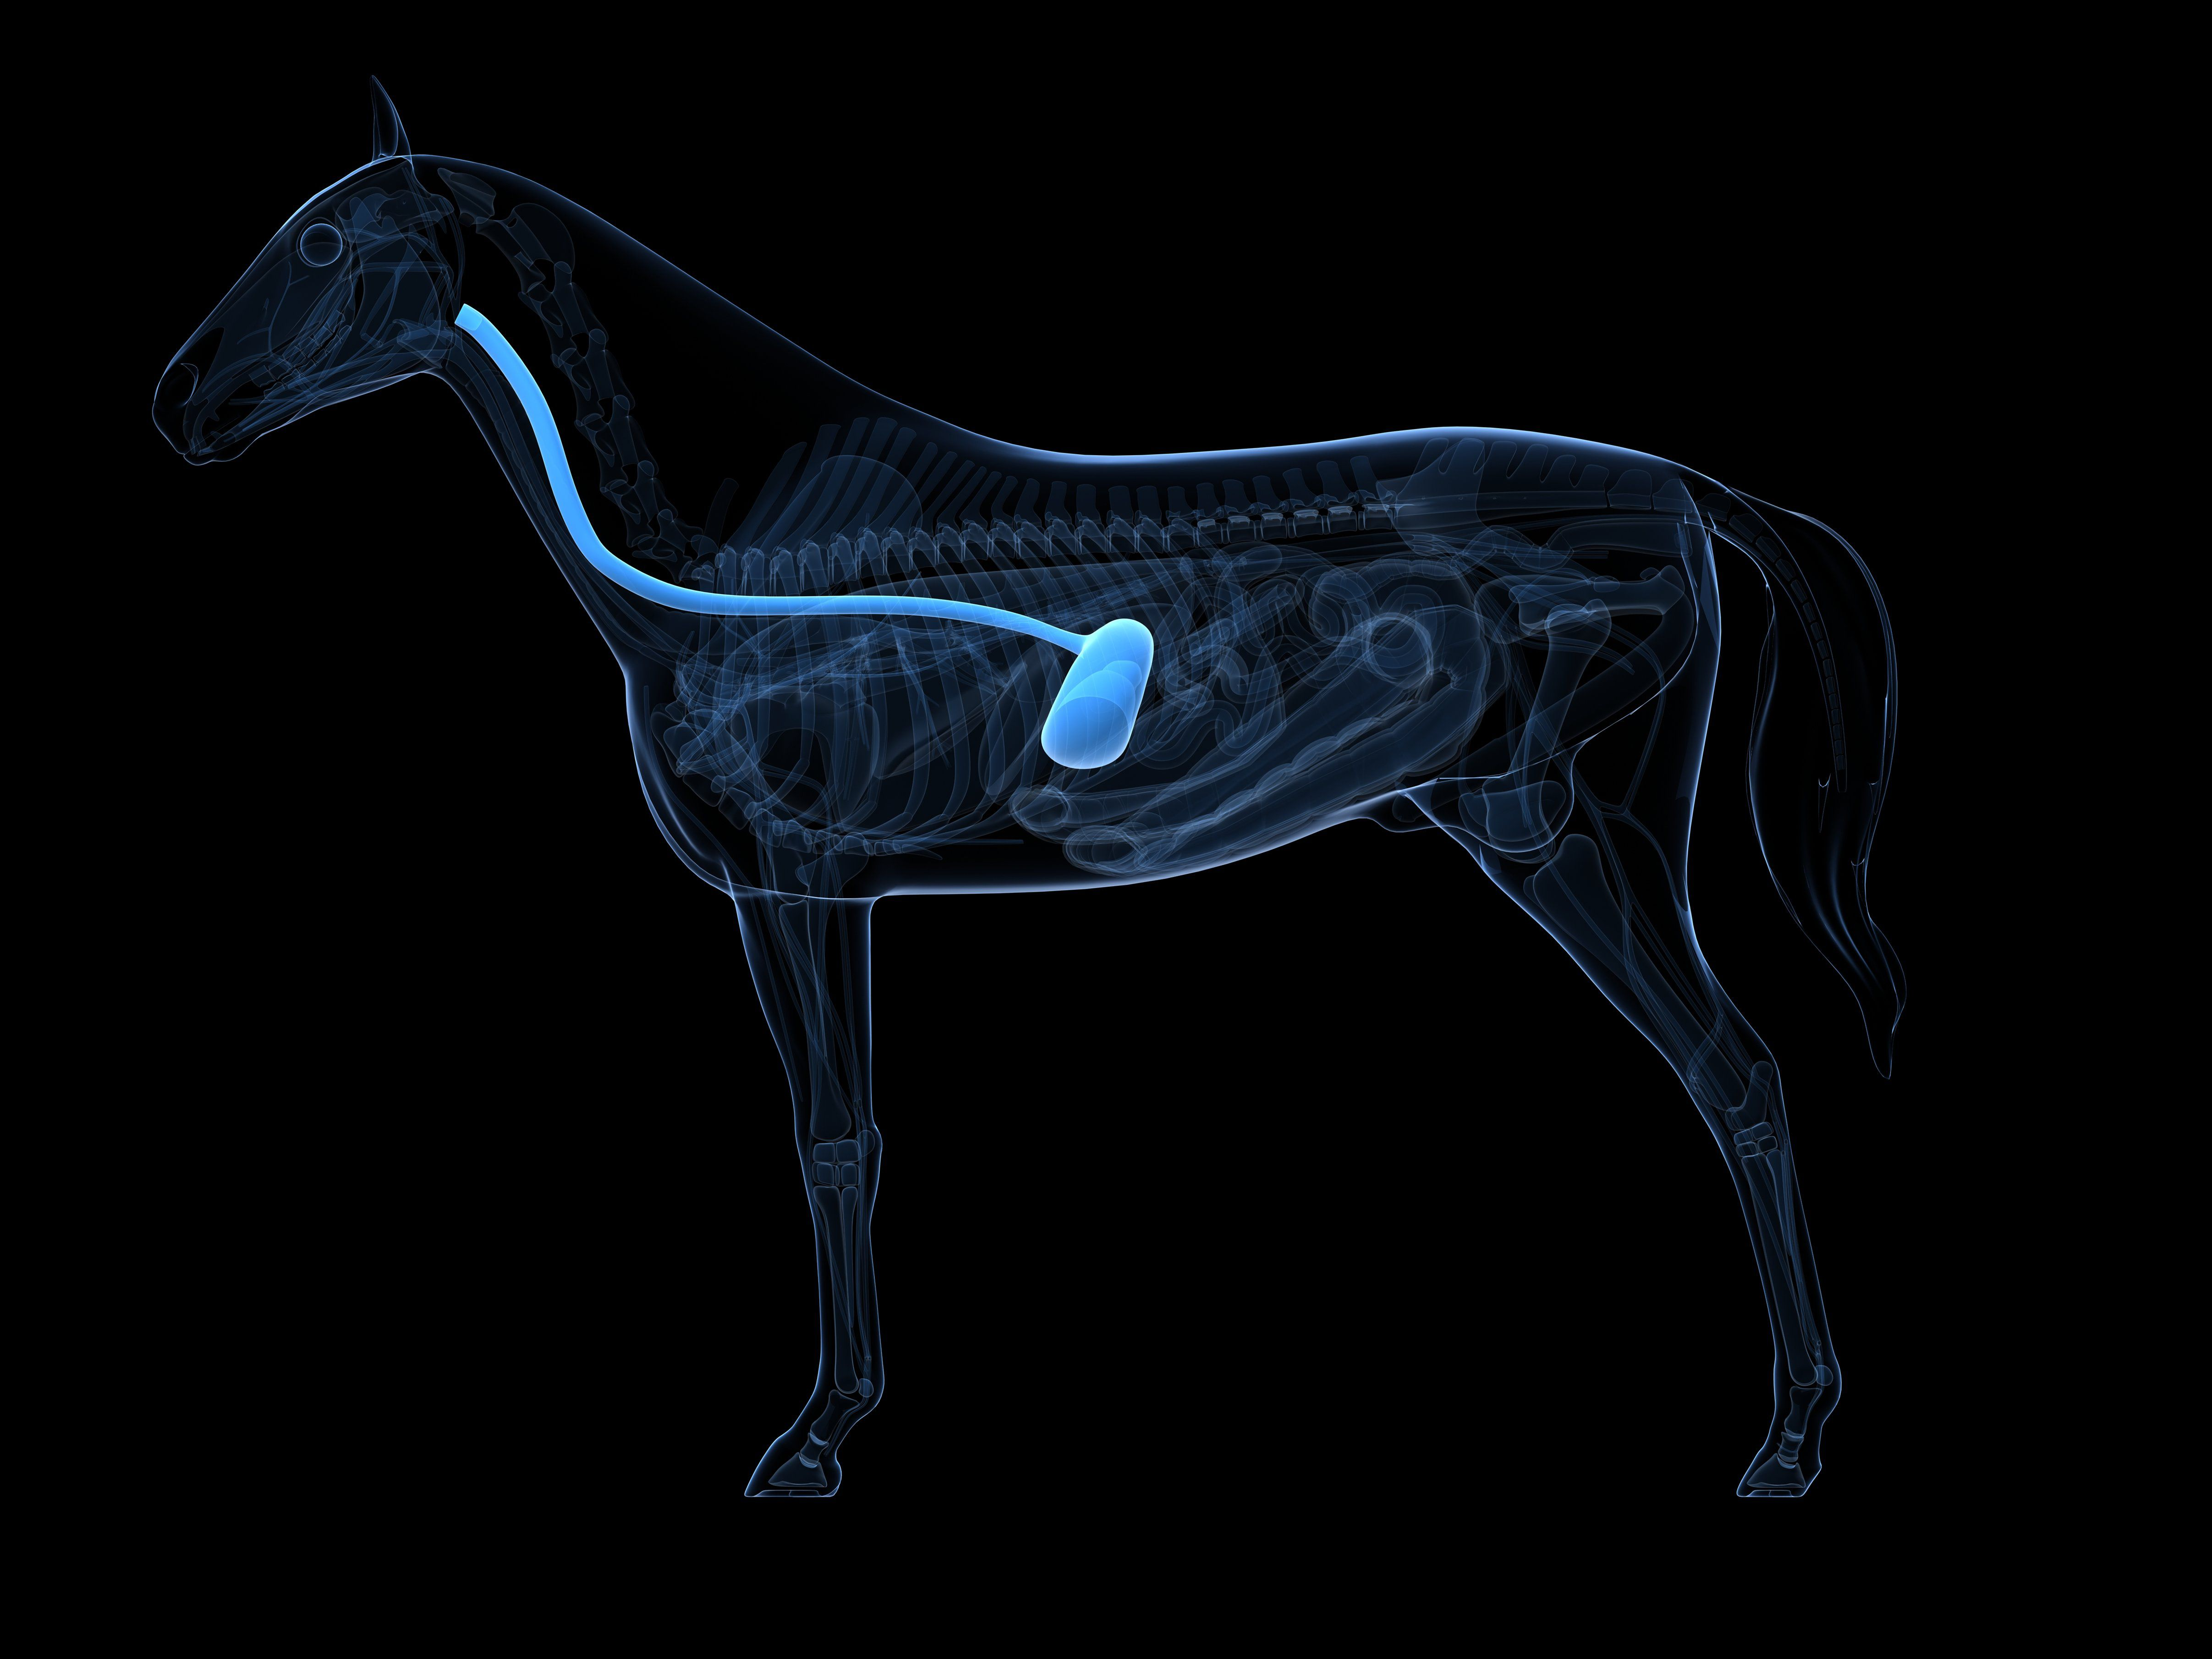 Horse skeleton, artwork